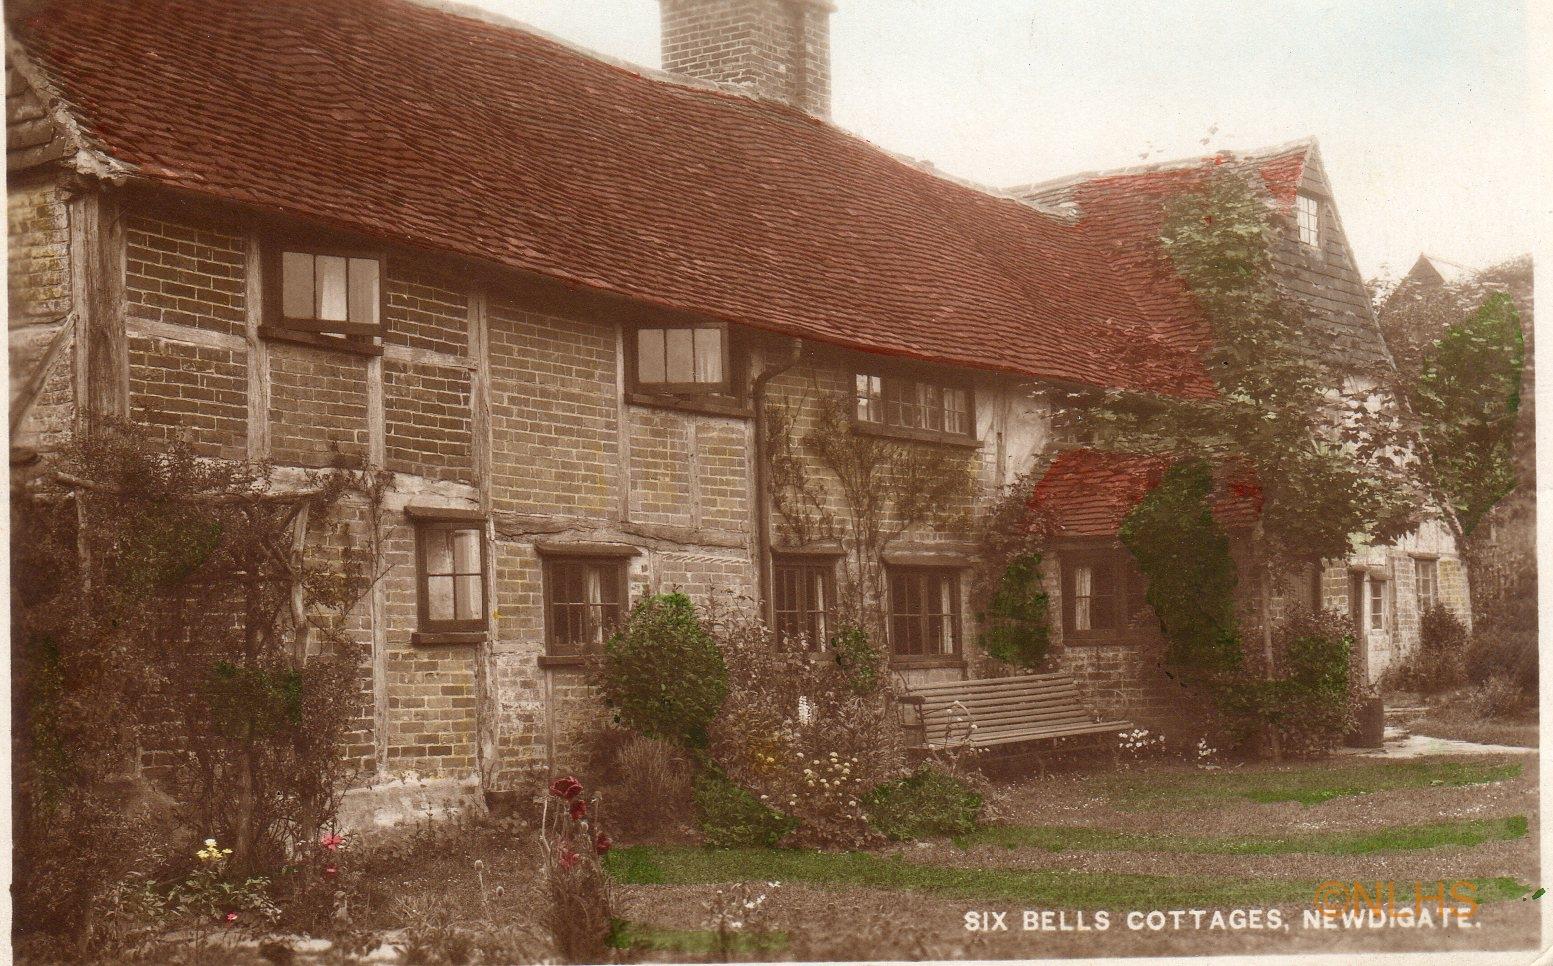 Six Bells Cottages c.1921